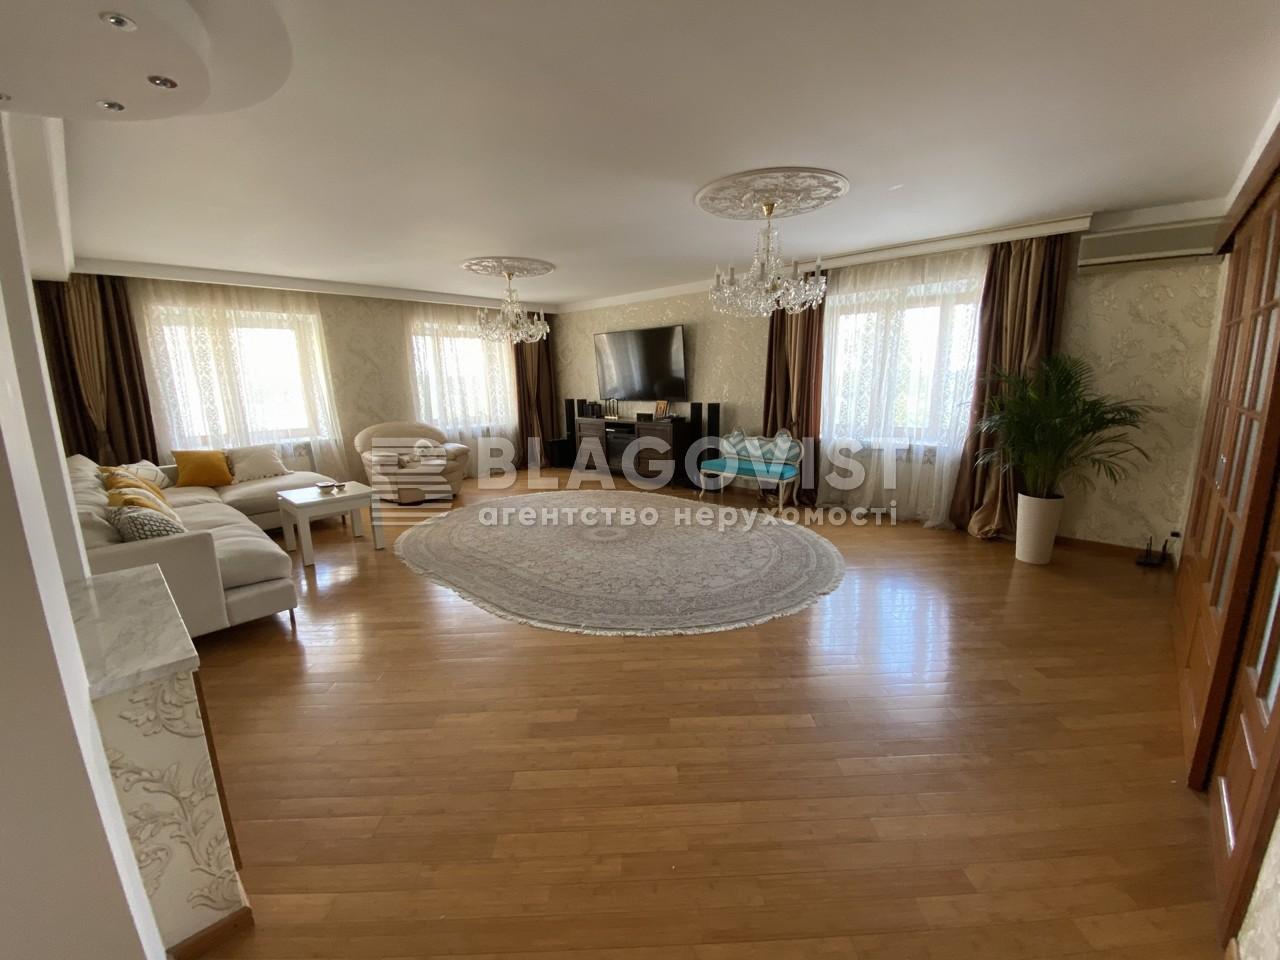 Квартира R-39990, Героев Сталинграда просп., 14г, Киев - Фото 5